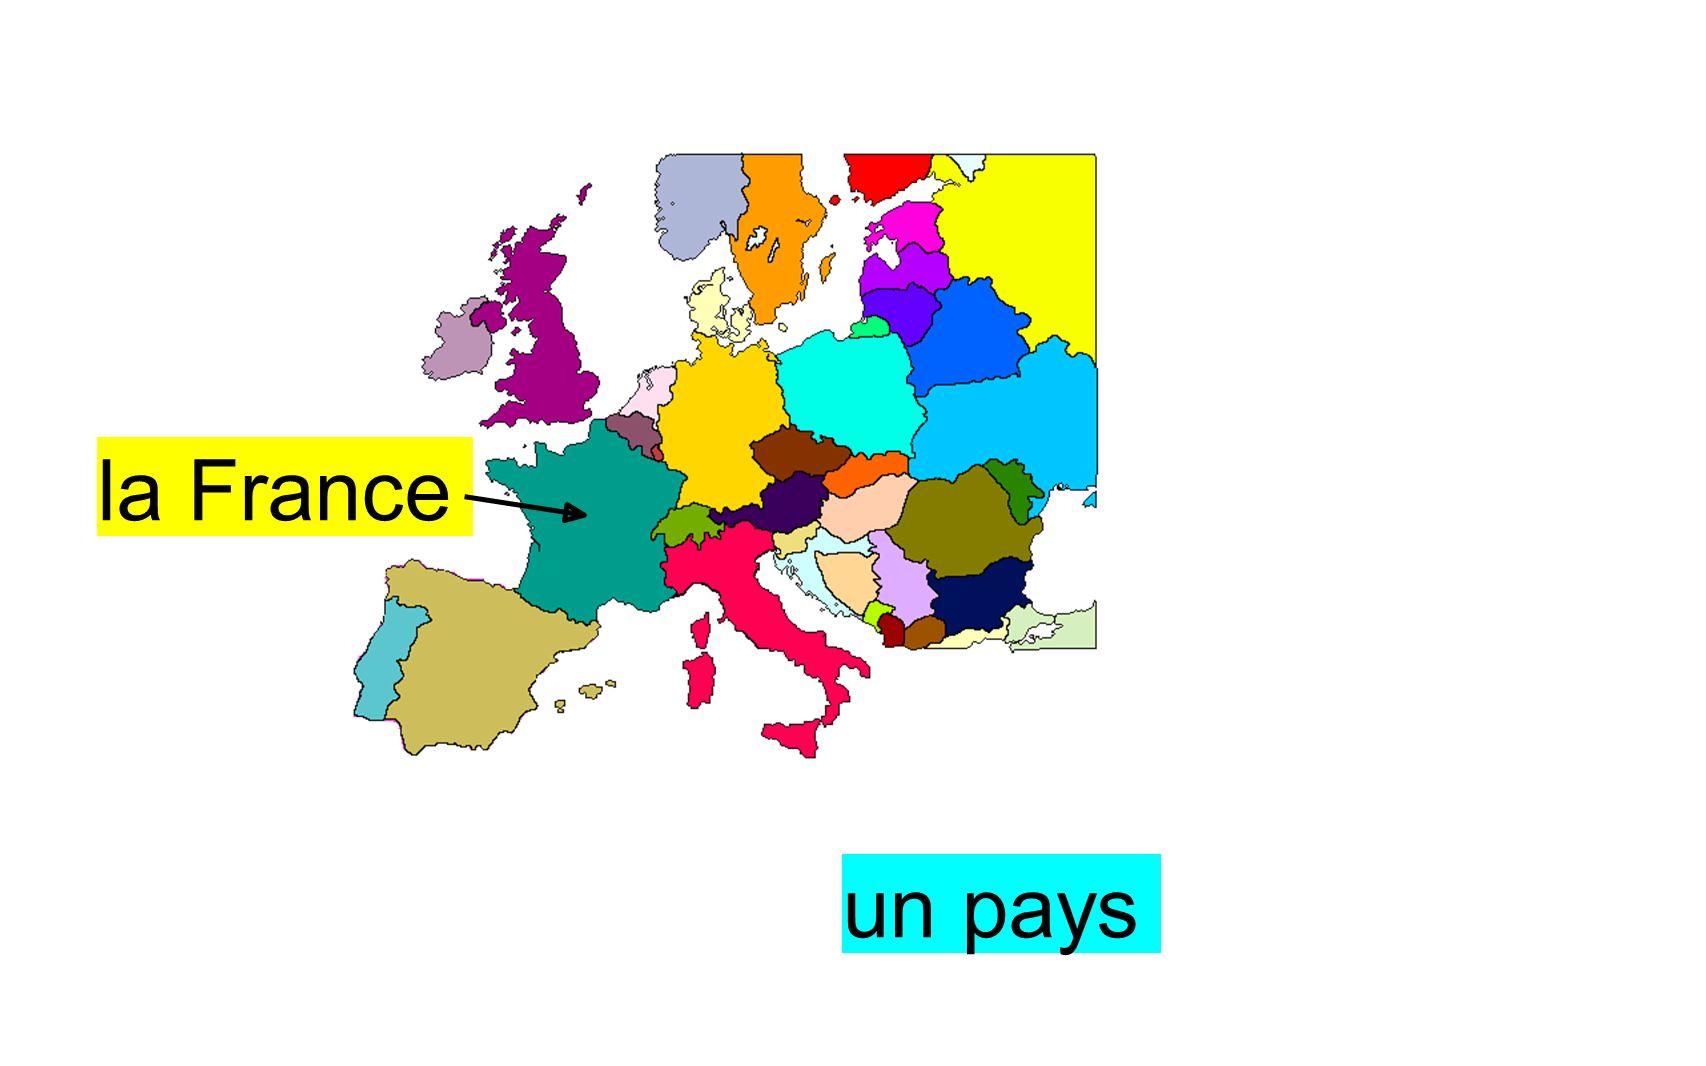 la France un pays